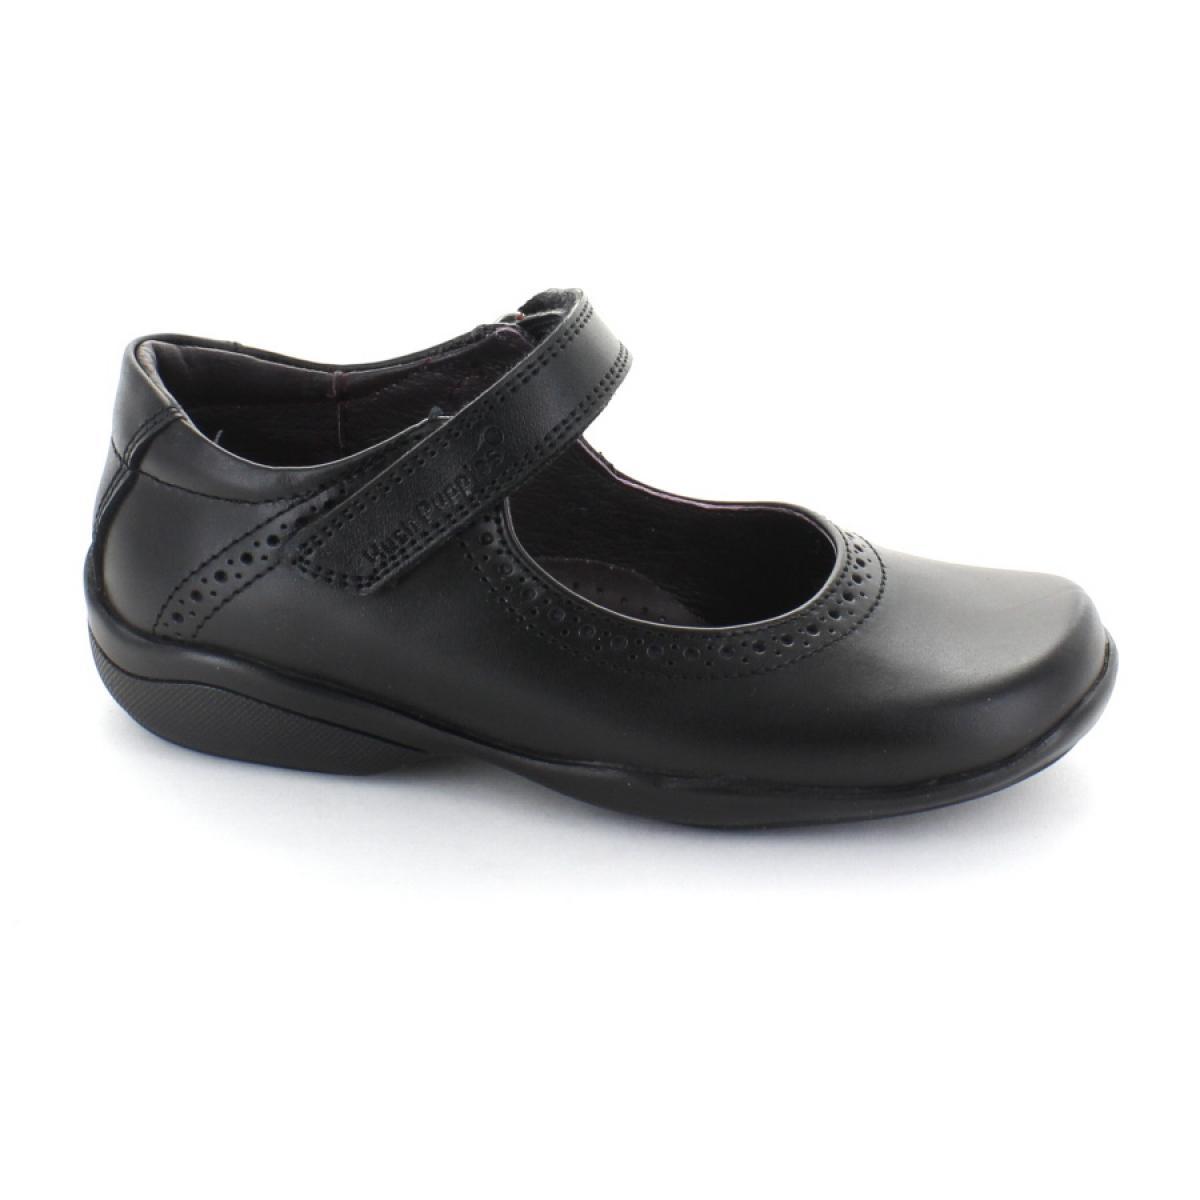 Zapato para Niña Hush Puppies 60231 Color Negro